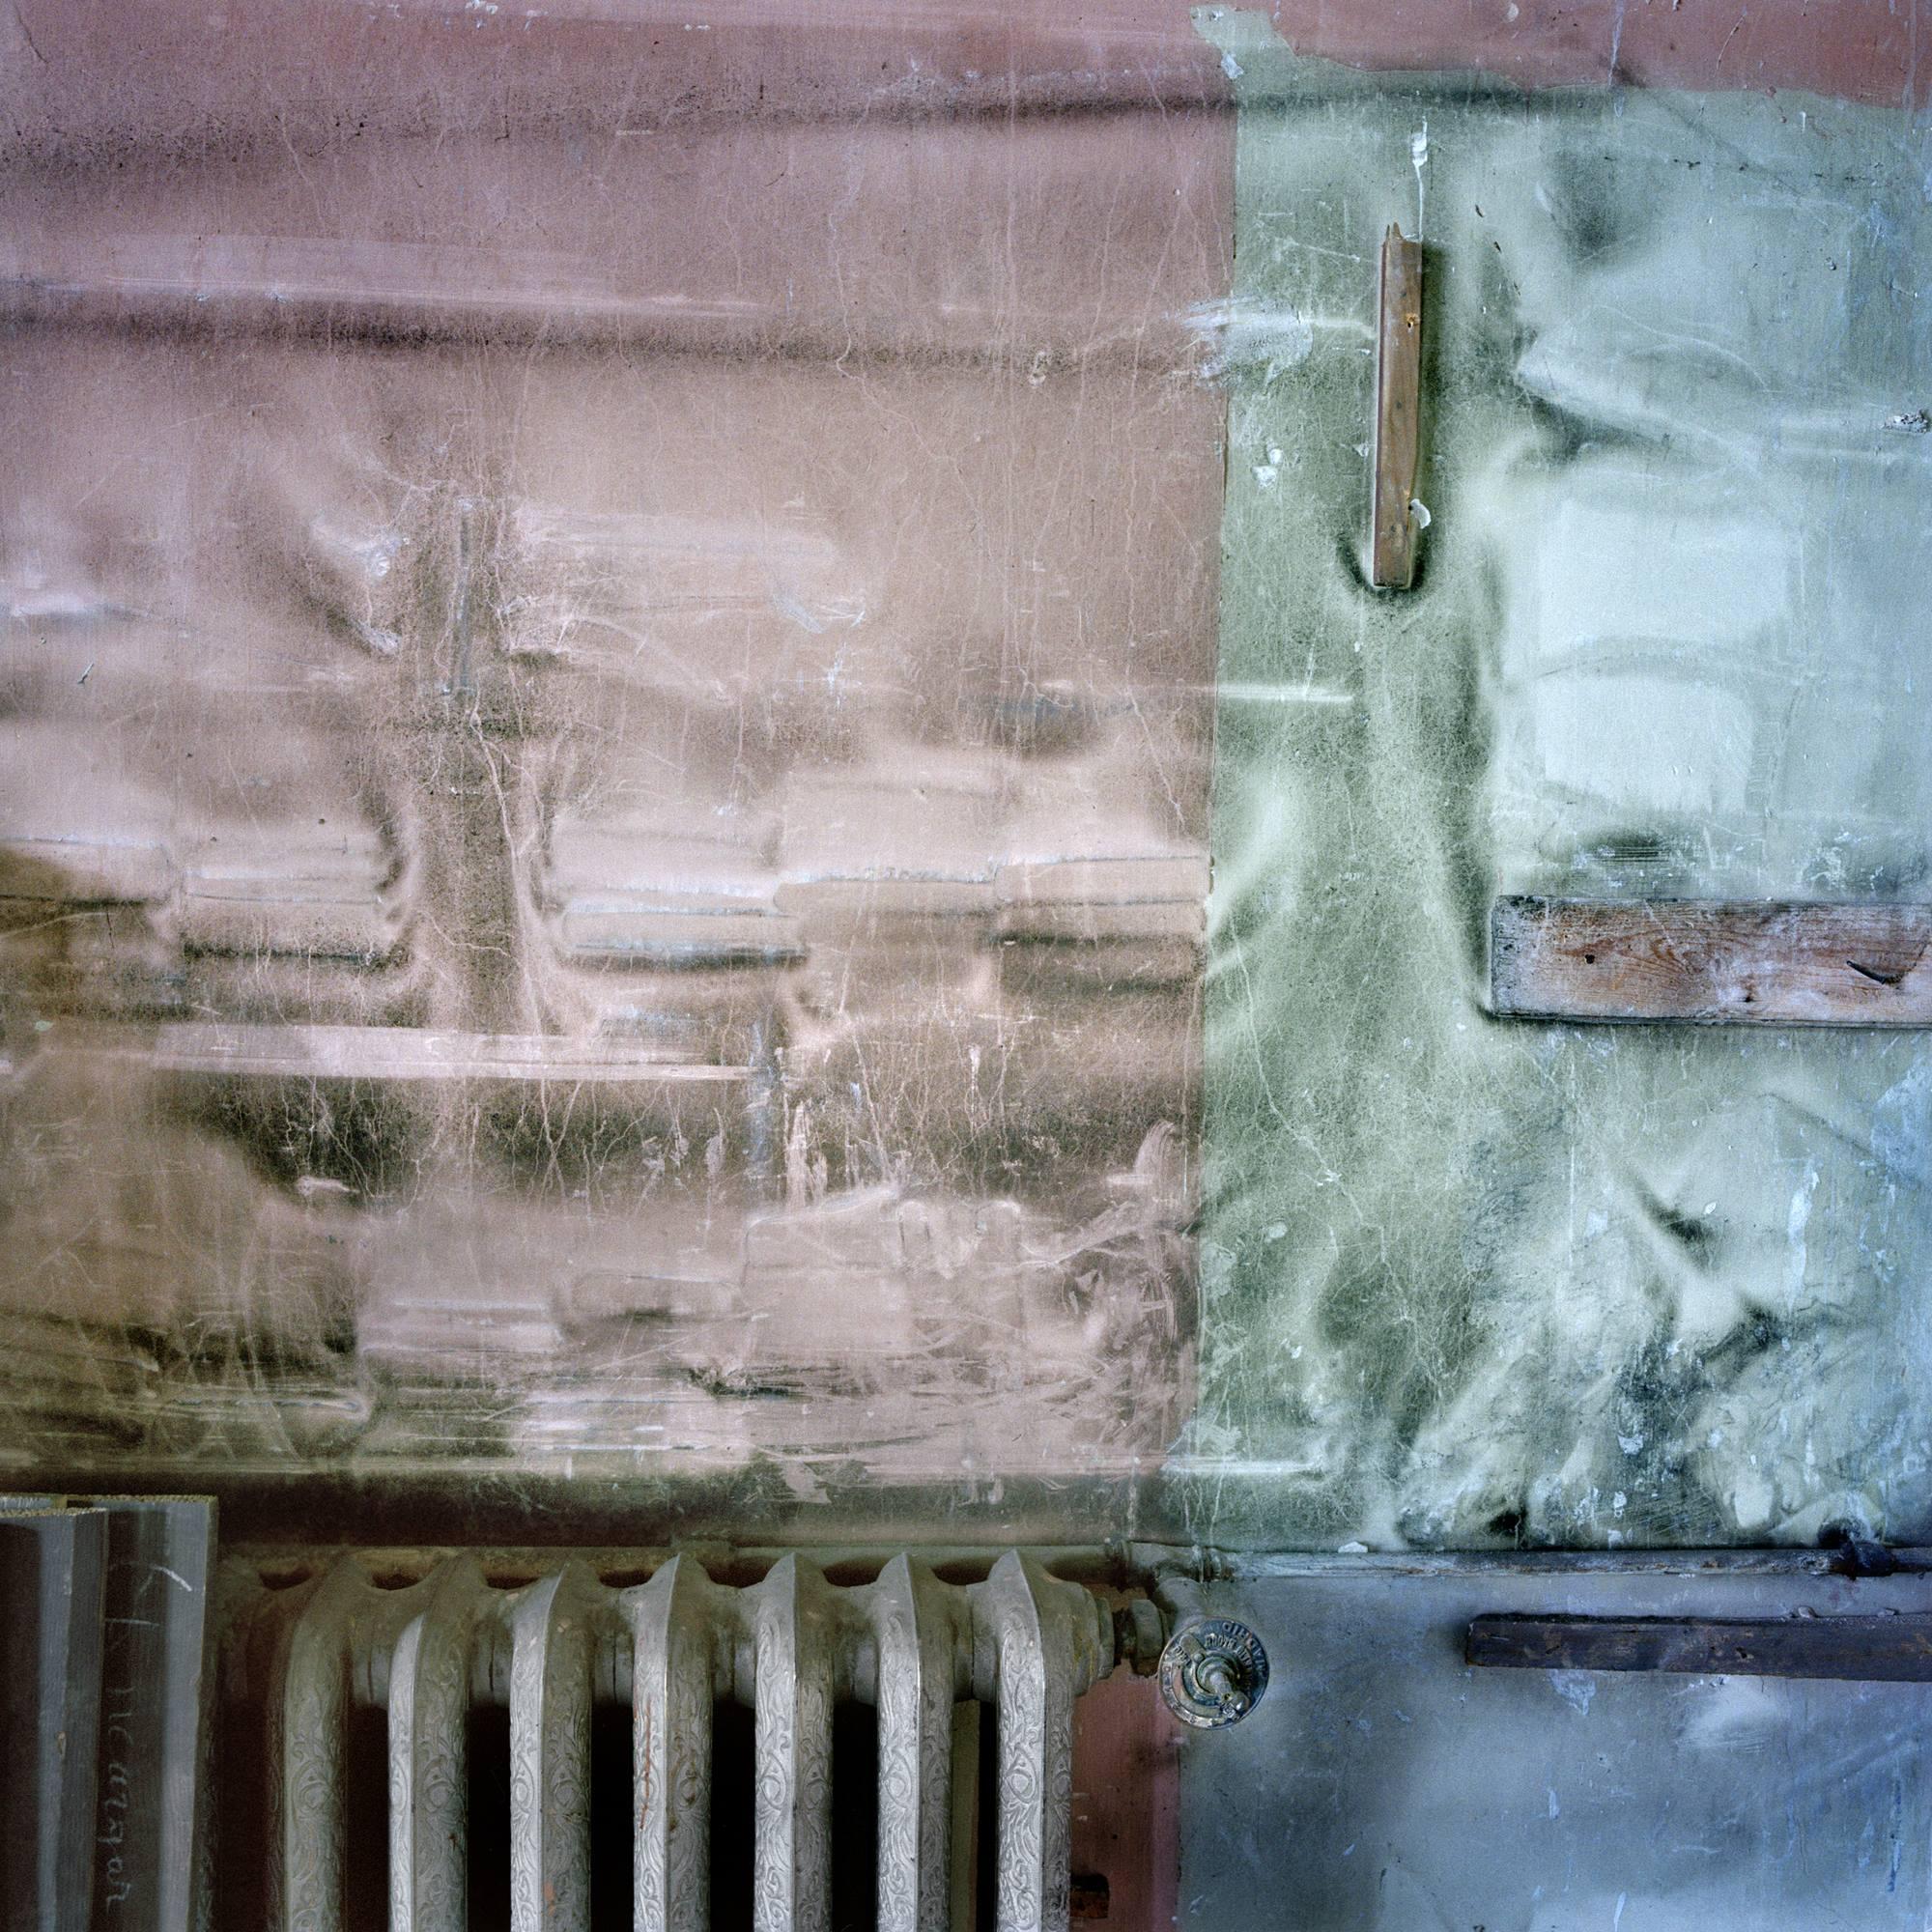 La seda rota 9, 2005<br/>Tintas pigmentadas / Inkjet